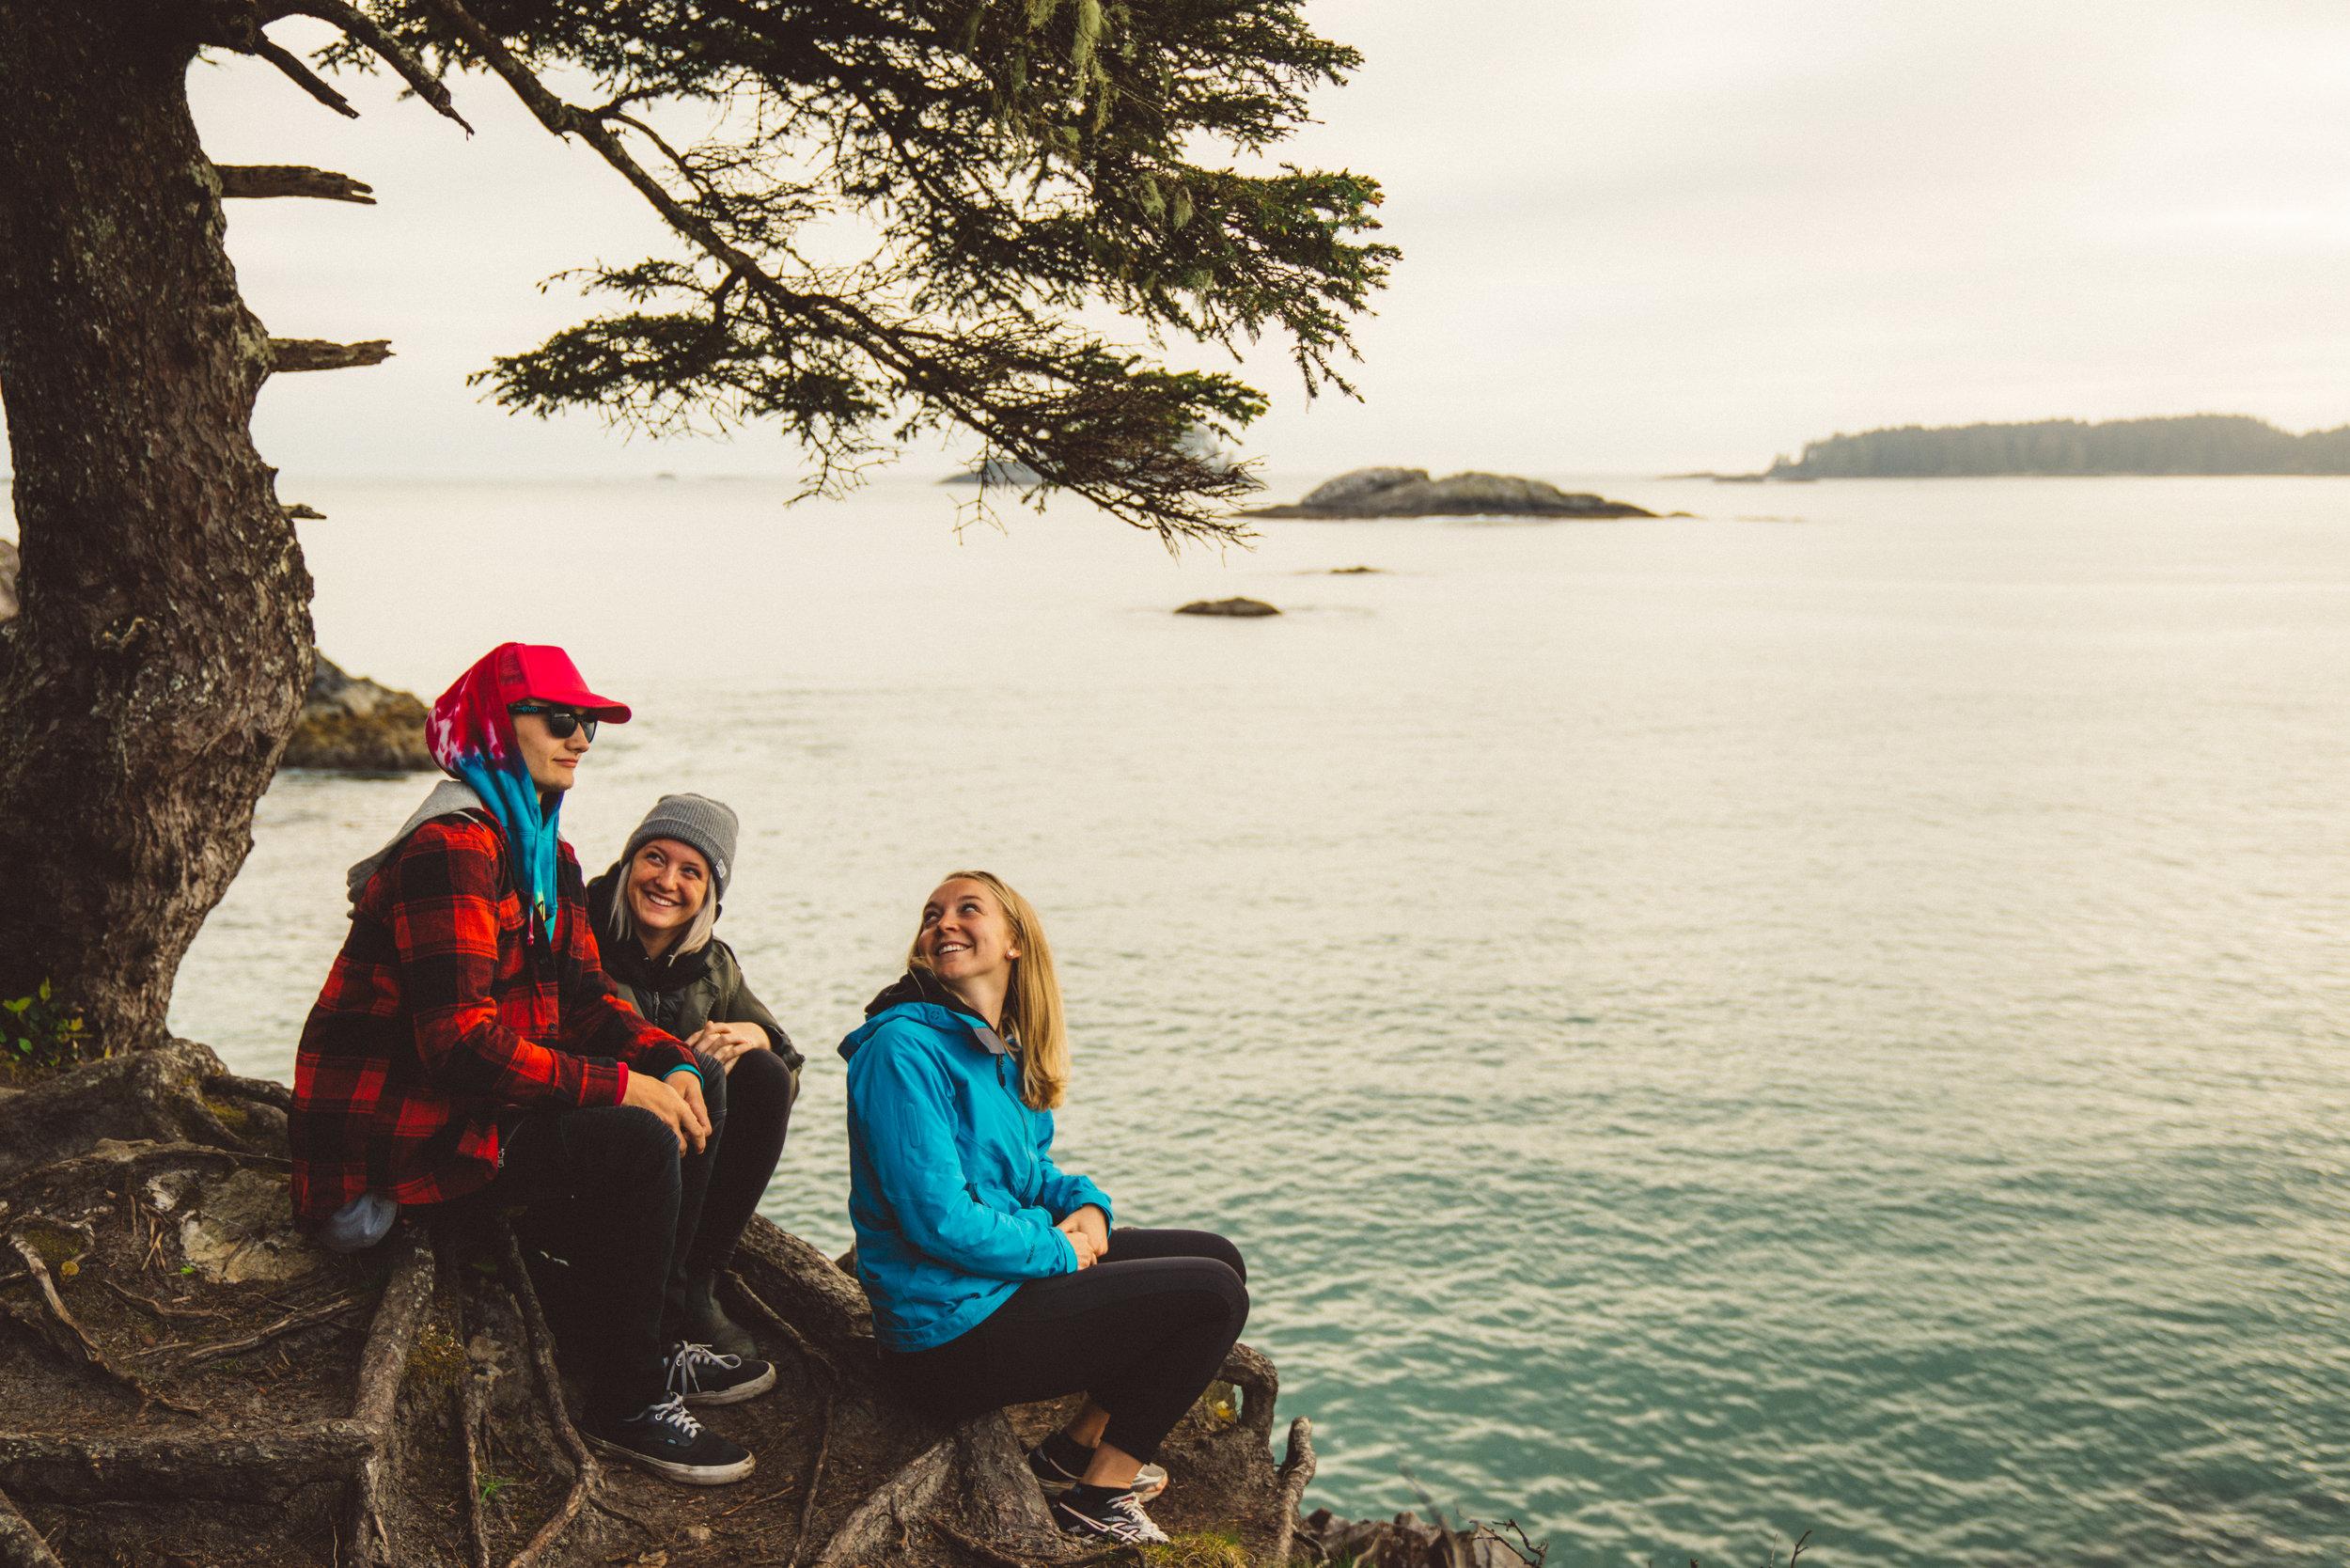 Vance, Daria, and Danielle on Mackenzie Beach.